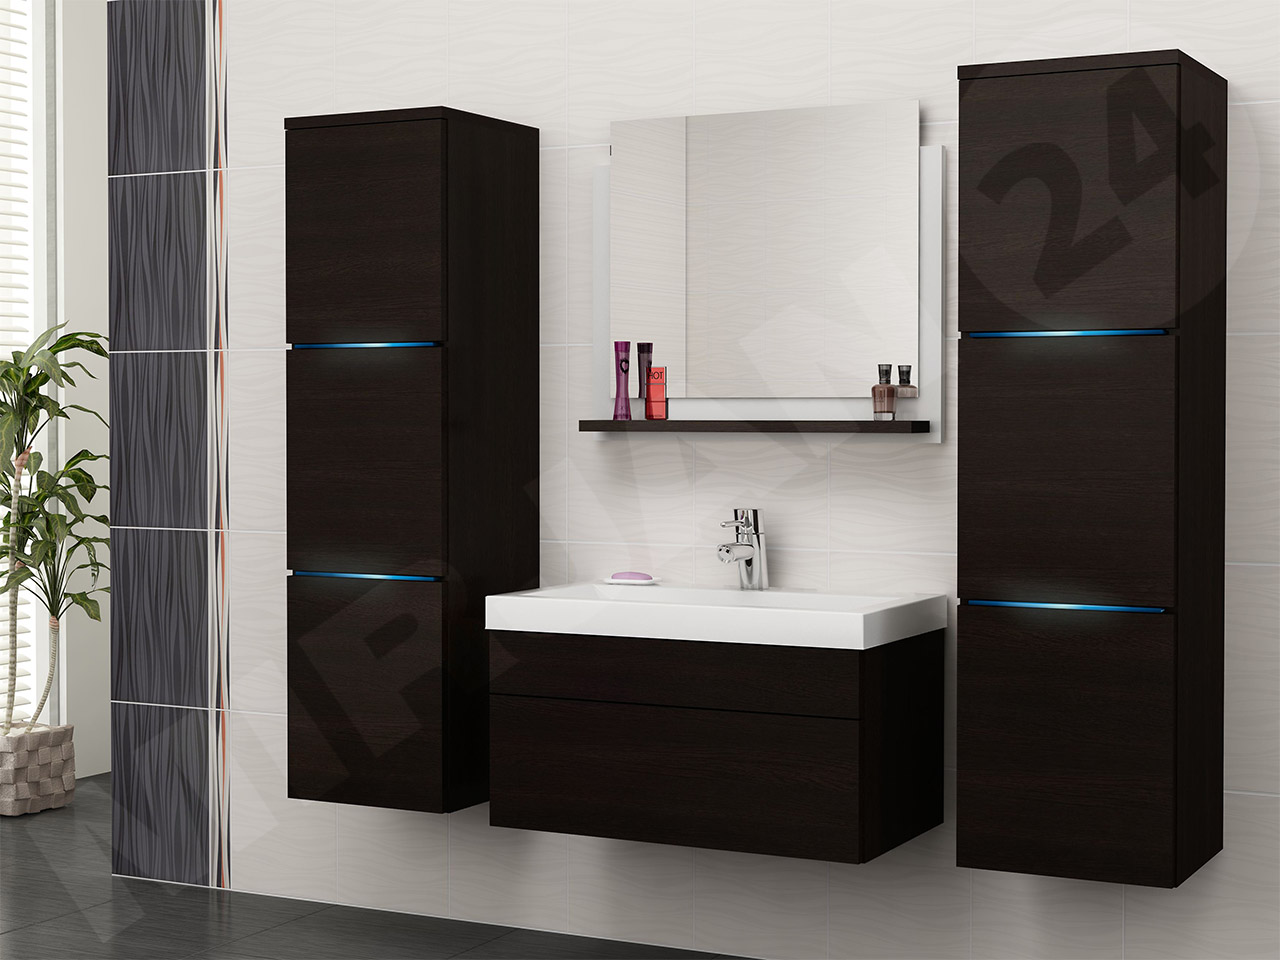 Details zu Badezimmer Carlotta 5tlg. Badmöbel Set mit Waschbecken ...